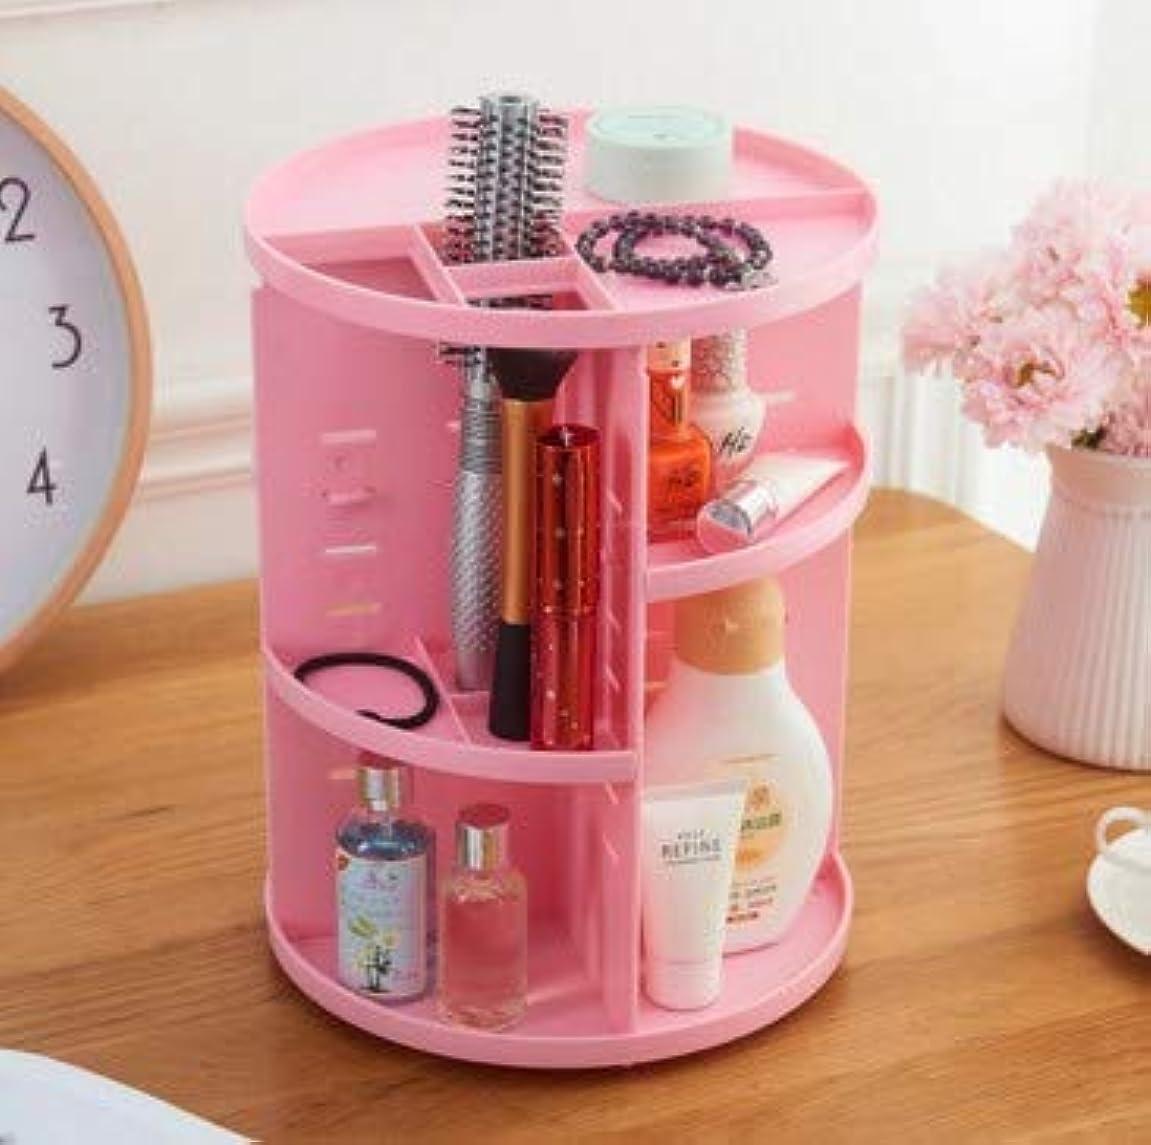 定説セール詩デスクトップロータリー収納ボックス多機能プラスチックバスルーム仕上げボックス化粧品収納ボックス (Color : ピンク)